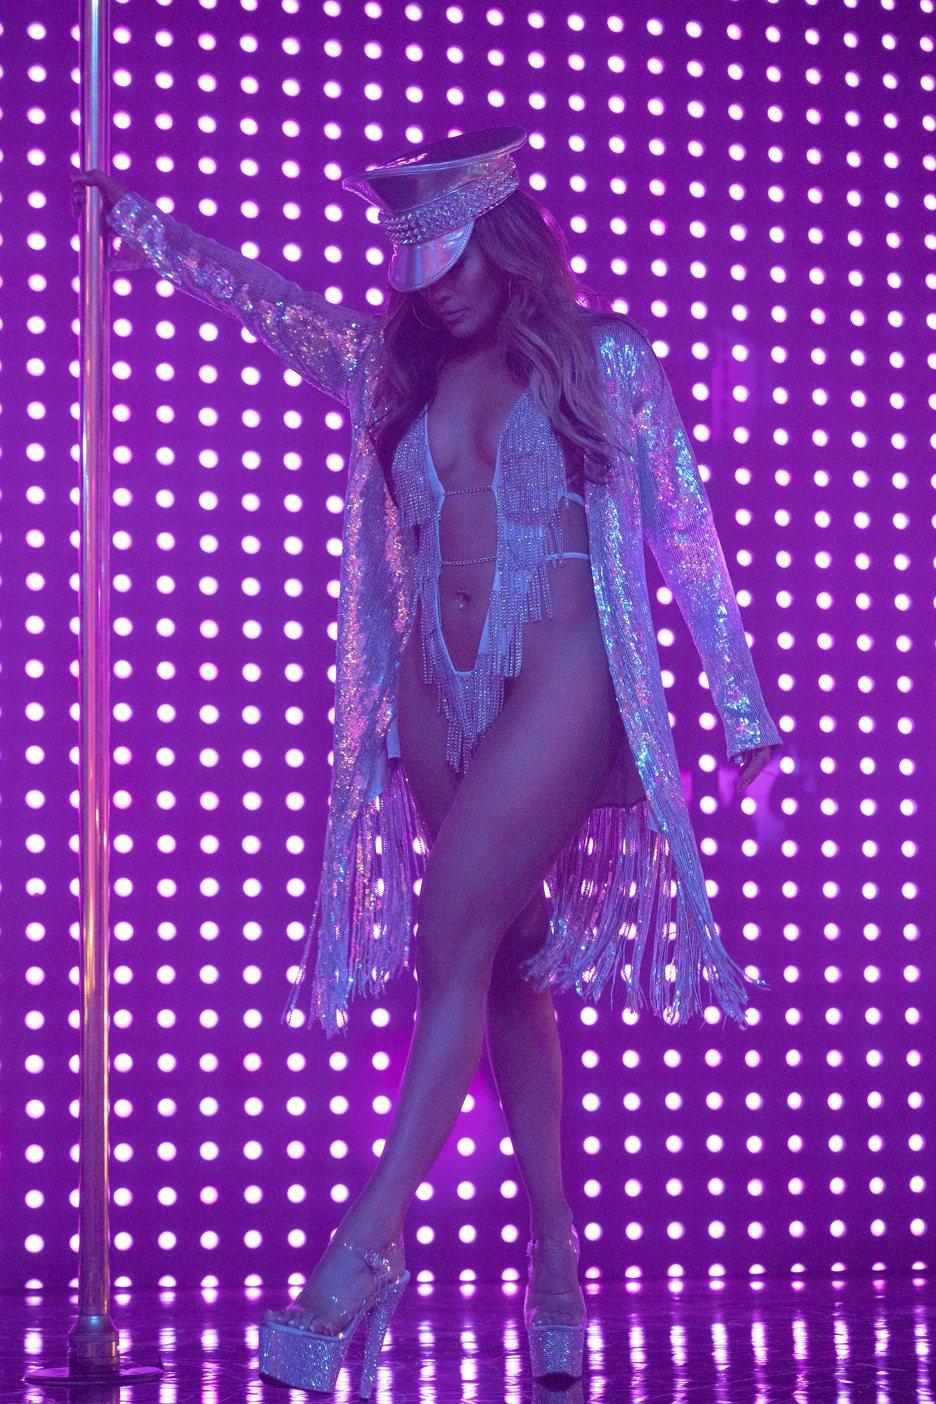 珍妮佛羅培茲在「舞孃騙很大」中展現魔鬼性感身材與傲人鋼管舞技。圖╱Catchpl